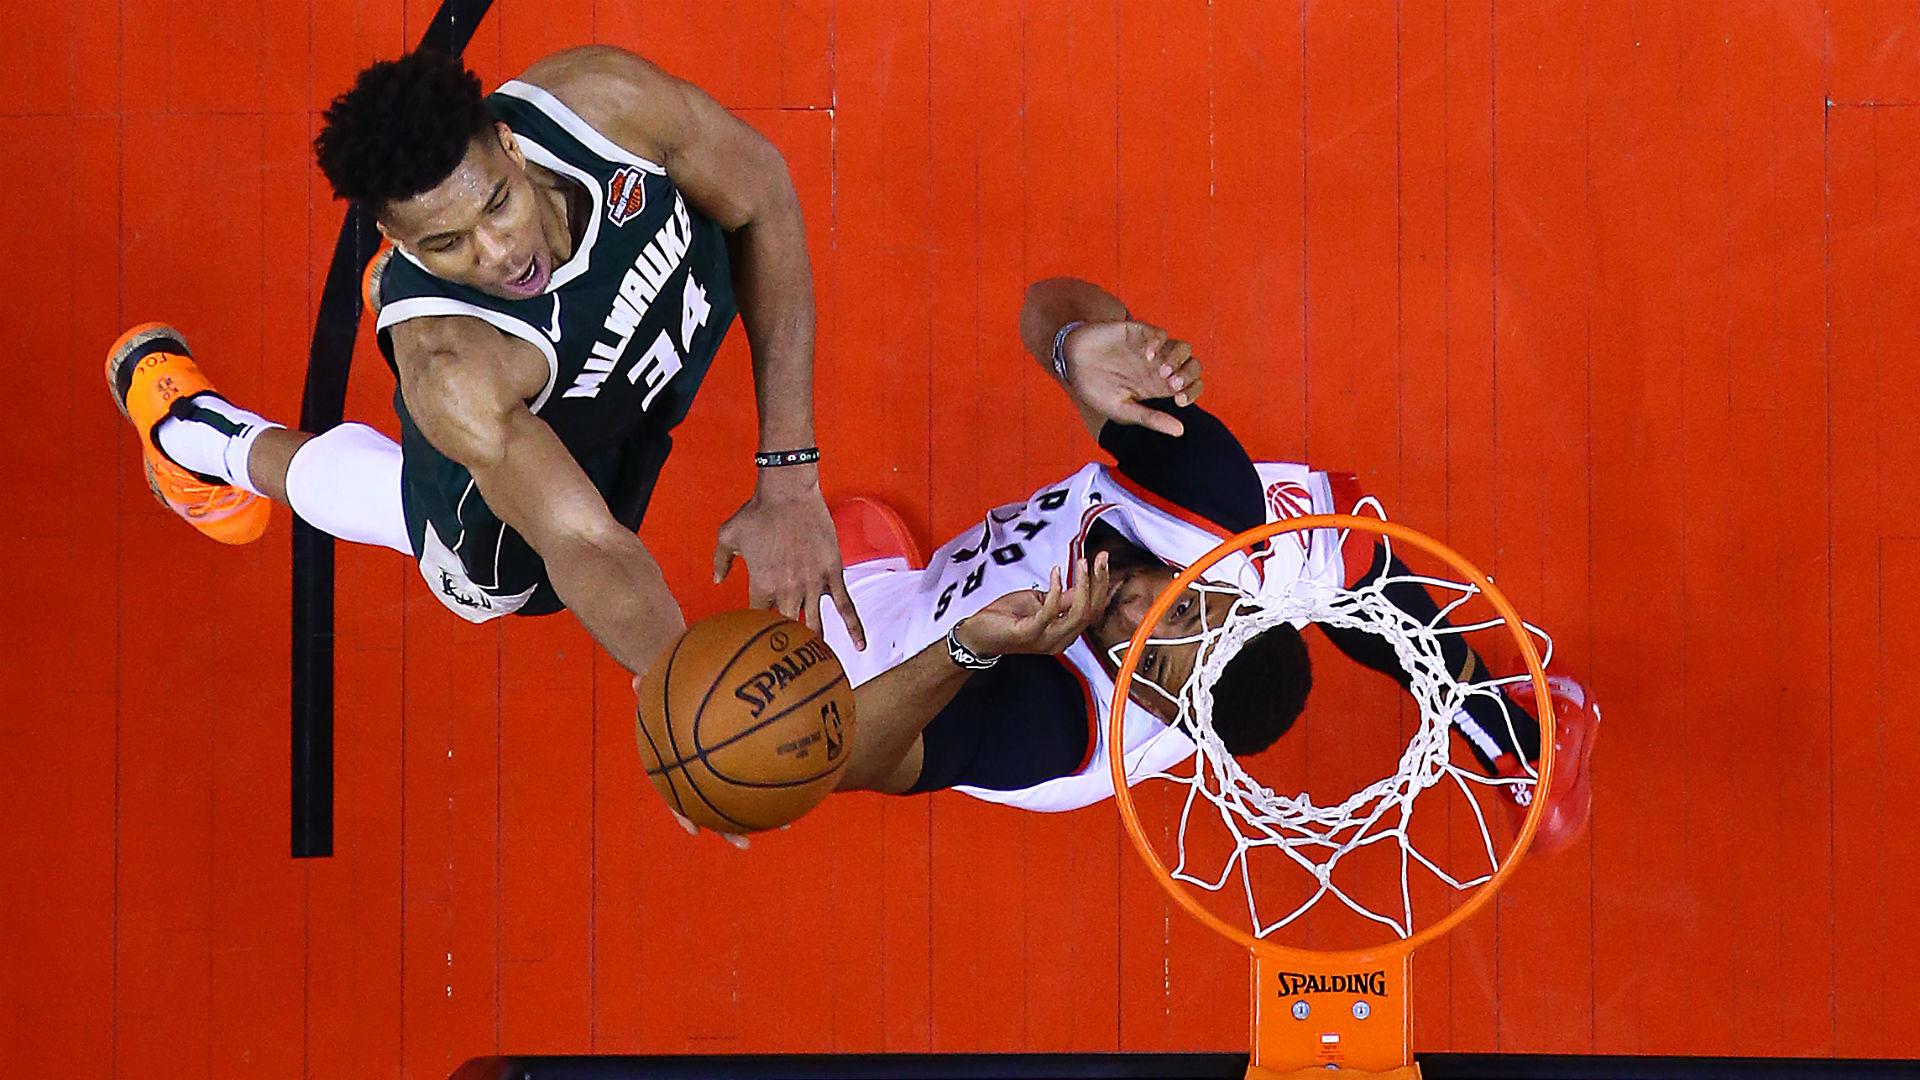 MVP contender Giannis Antetokounmpo is confident the Milwaukee Bucks will raise their game in Toronto on Tuesday.